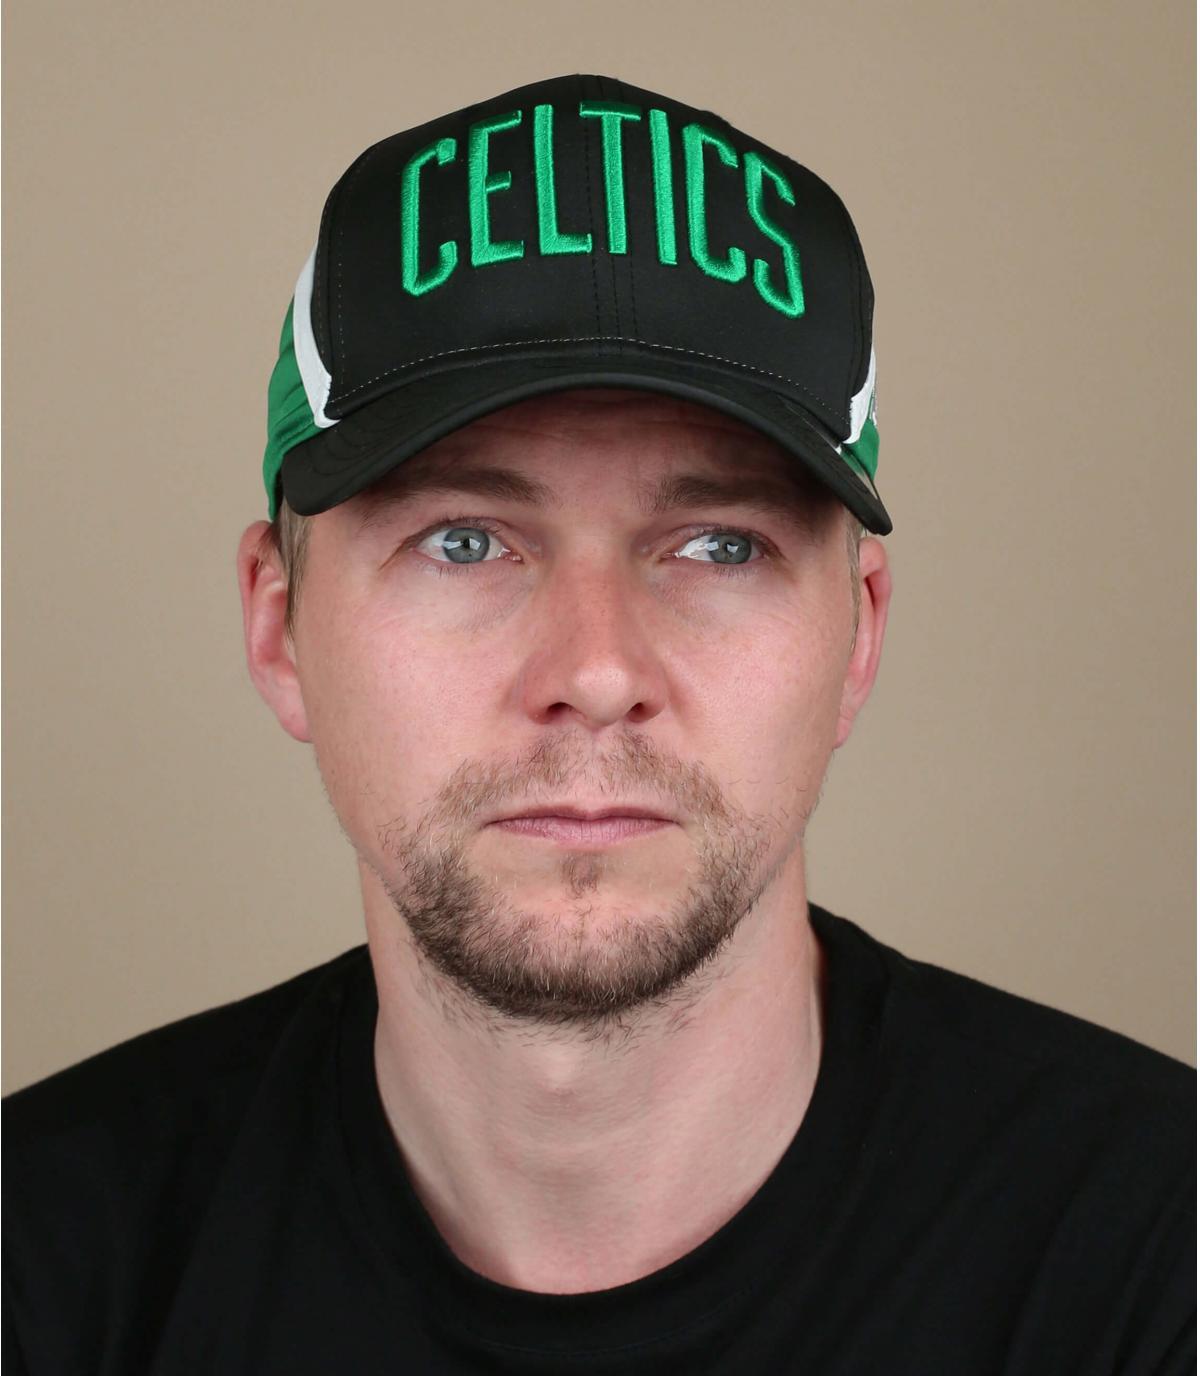 Celtics zwart groene pet